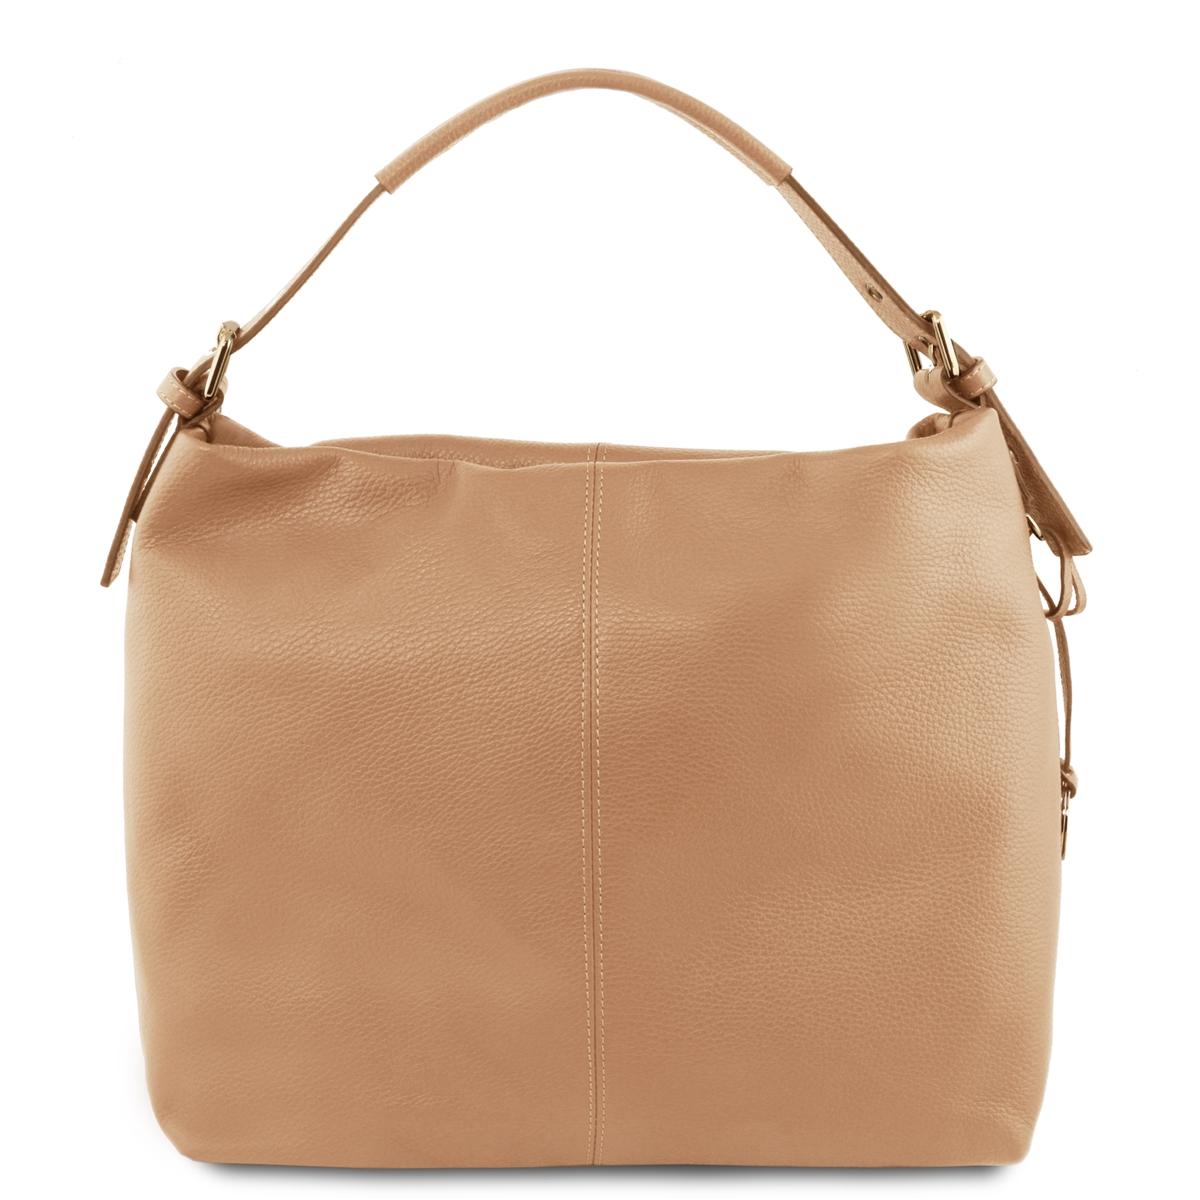 10e40a1e969a Tuscany Leather Bag TL141719 Soft Leather Hobo Bag - Champagne